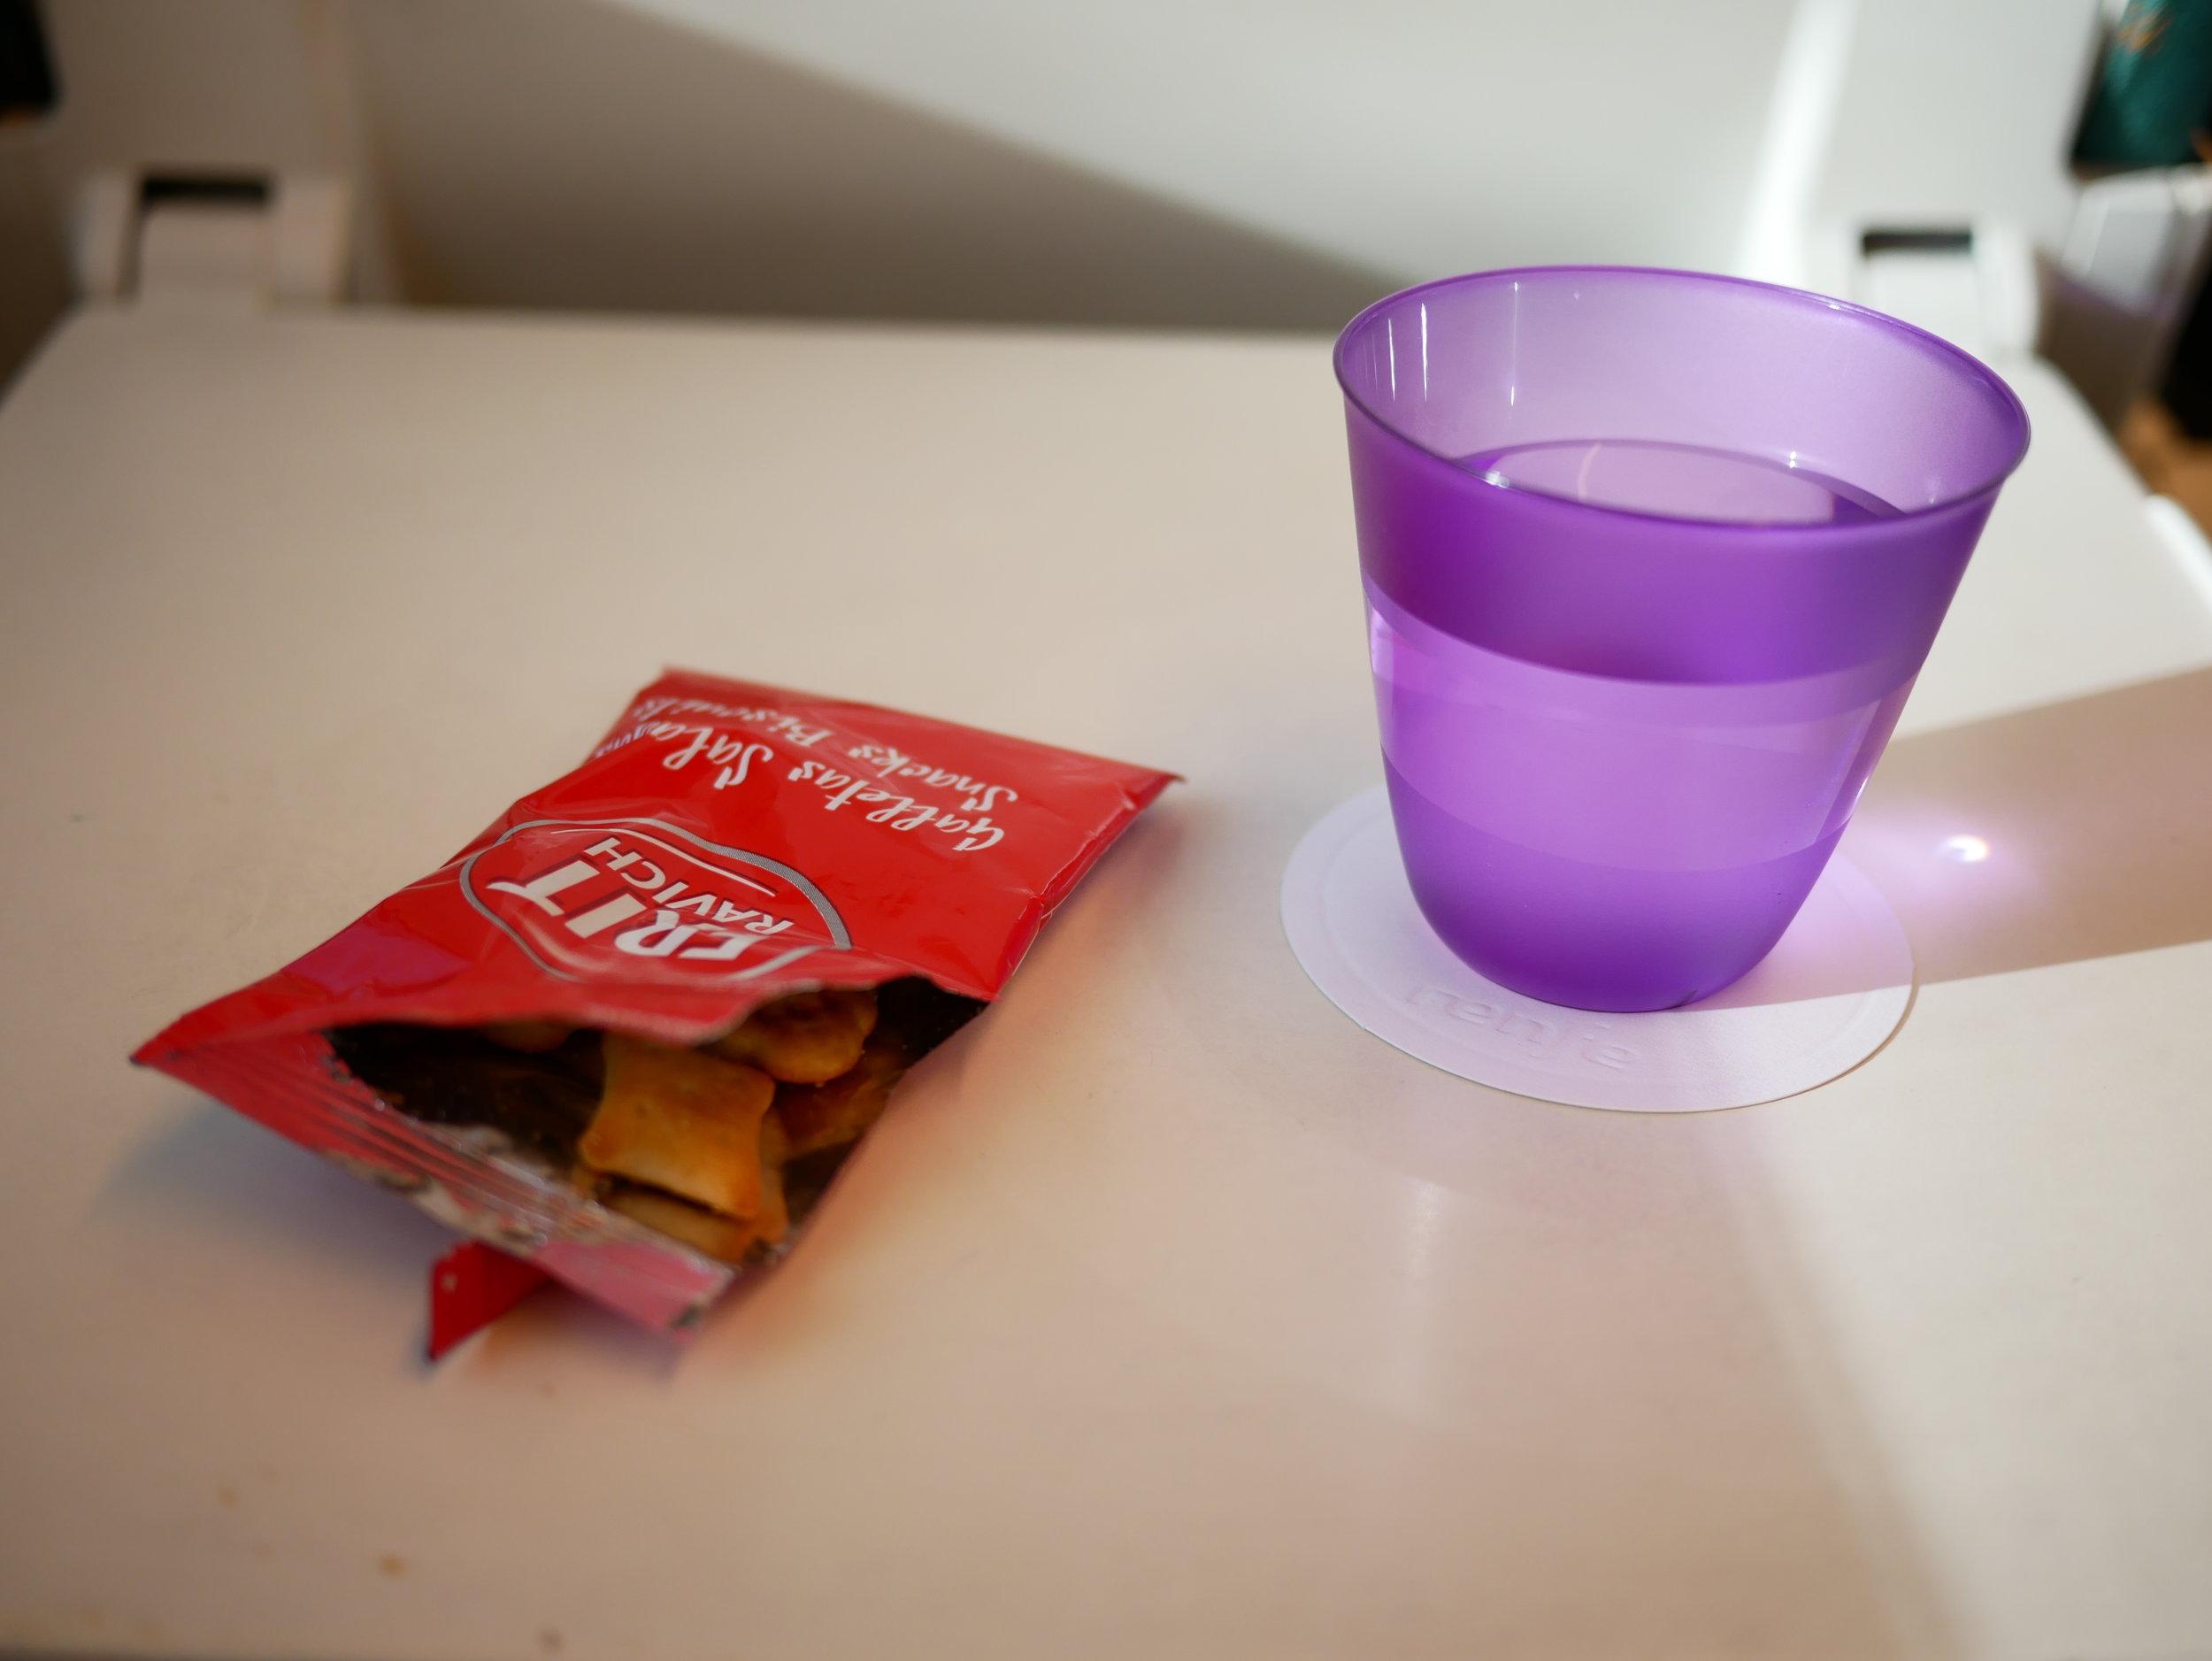 Euromed snack